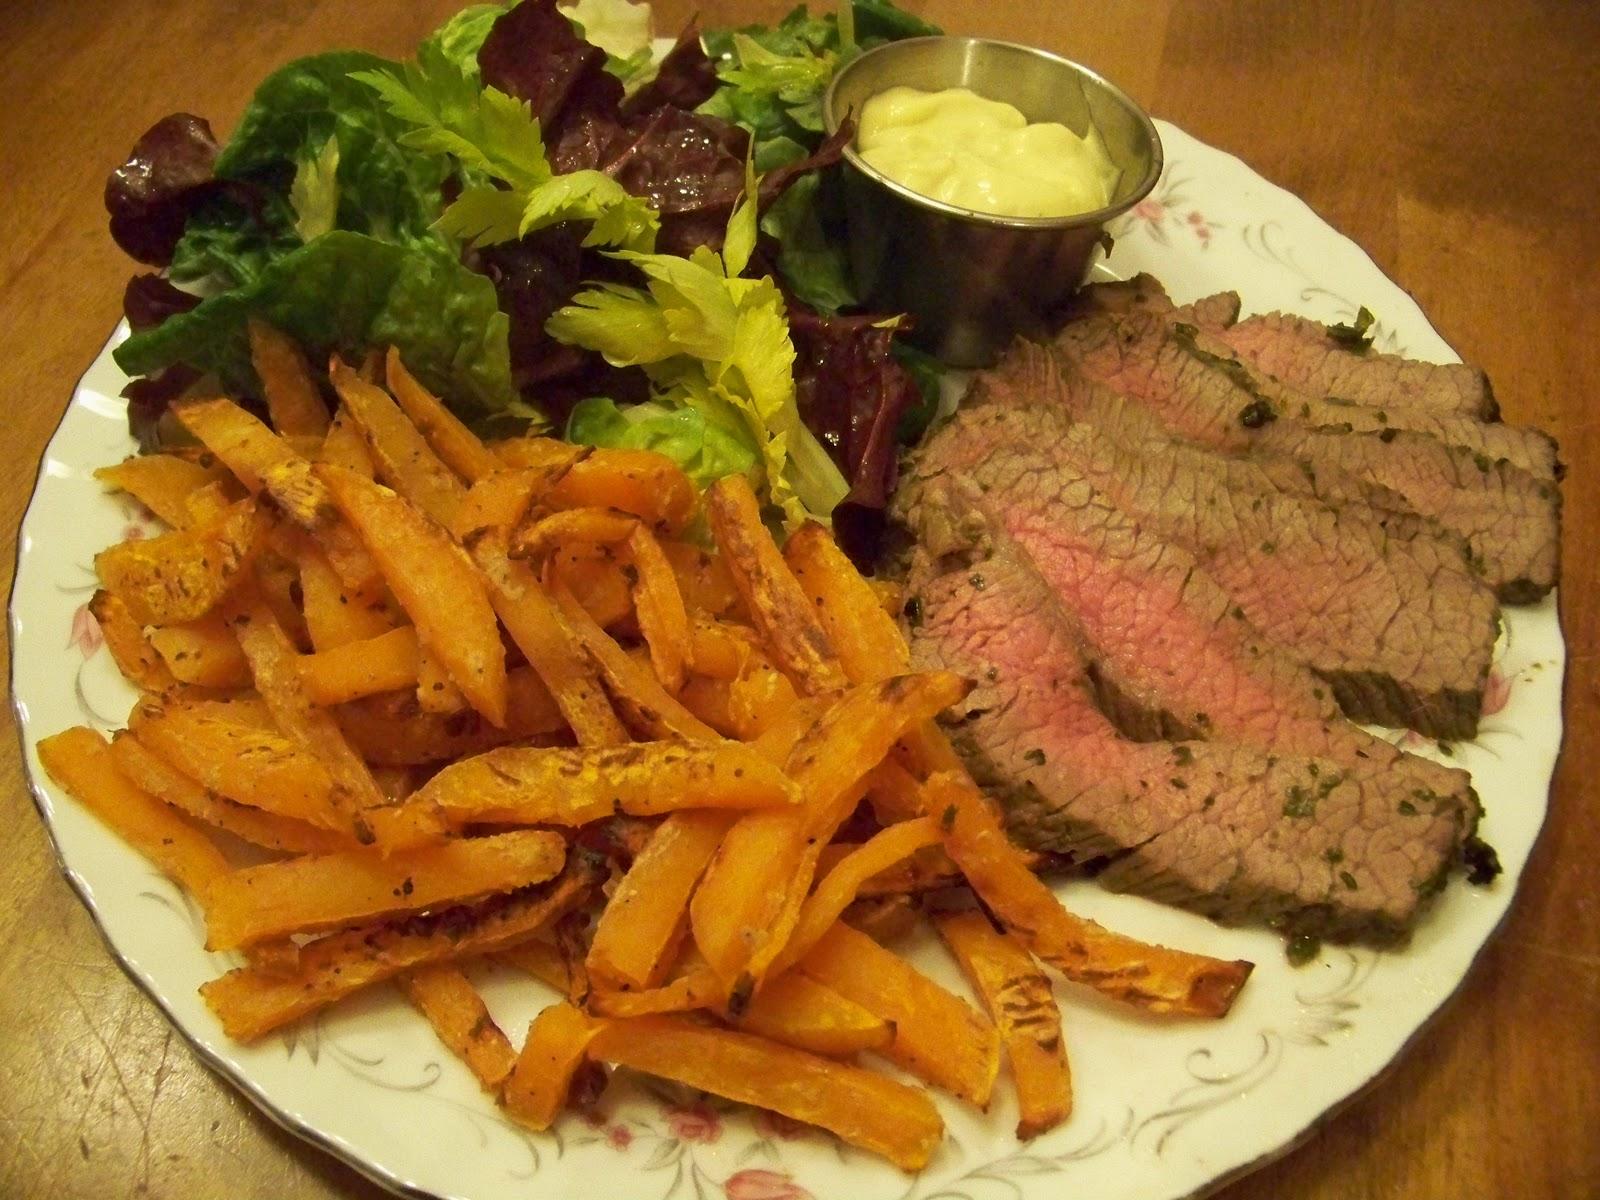 La cuill riste frites de patates douces au four - Frites pour friteuse au four ...